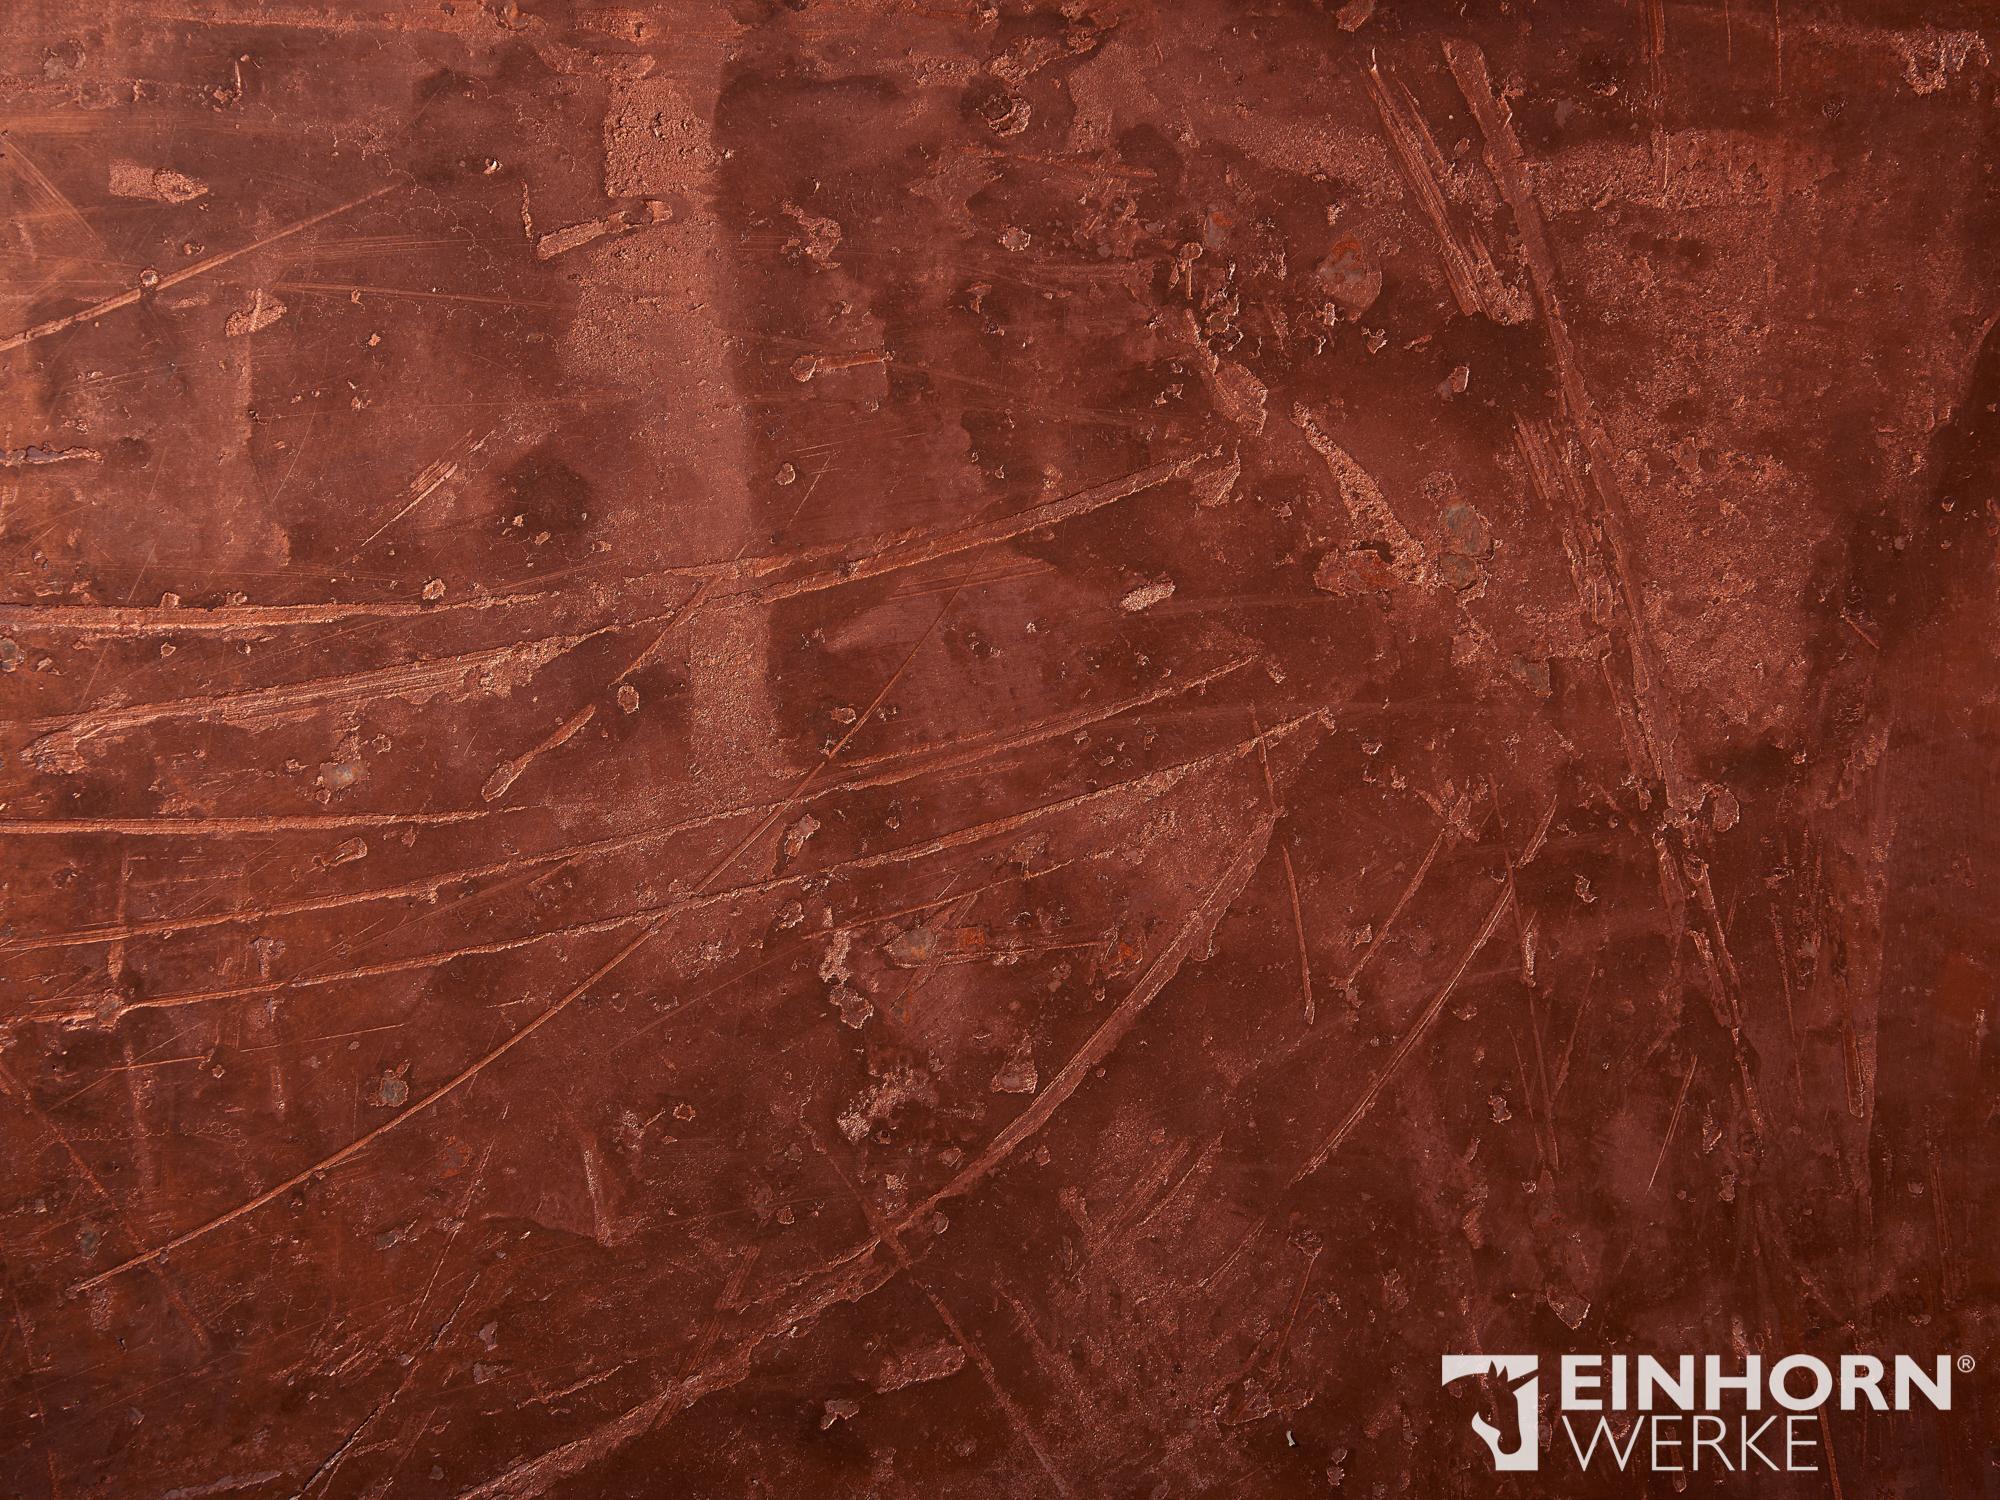 STUCCORINO 1306 + Perlglimmer grob + STUCCORINO Fresco 1306 + Stuccorino Effect Kupfer + Einhorn Werke